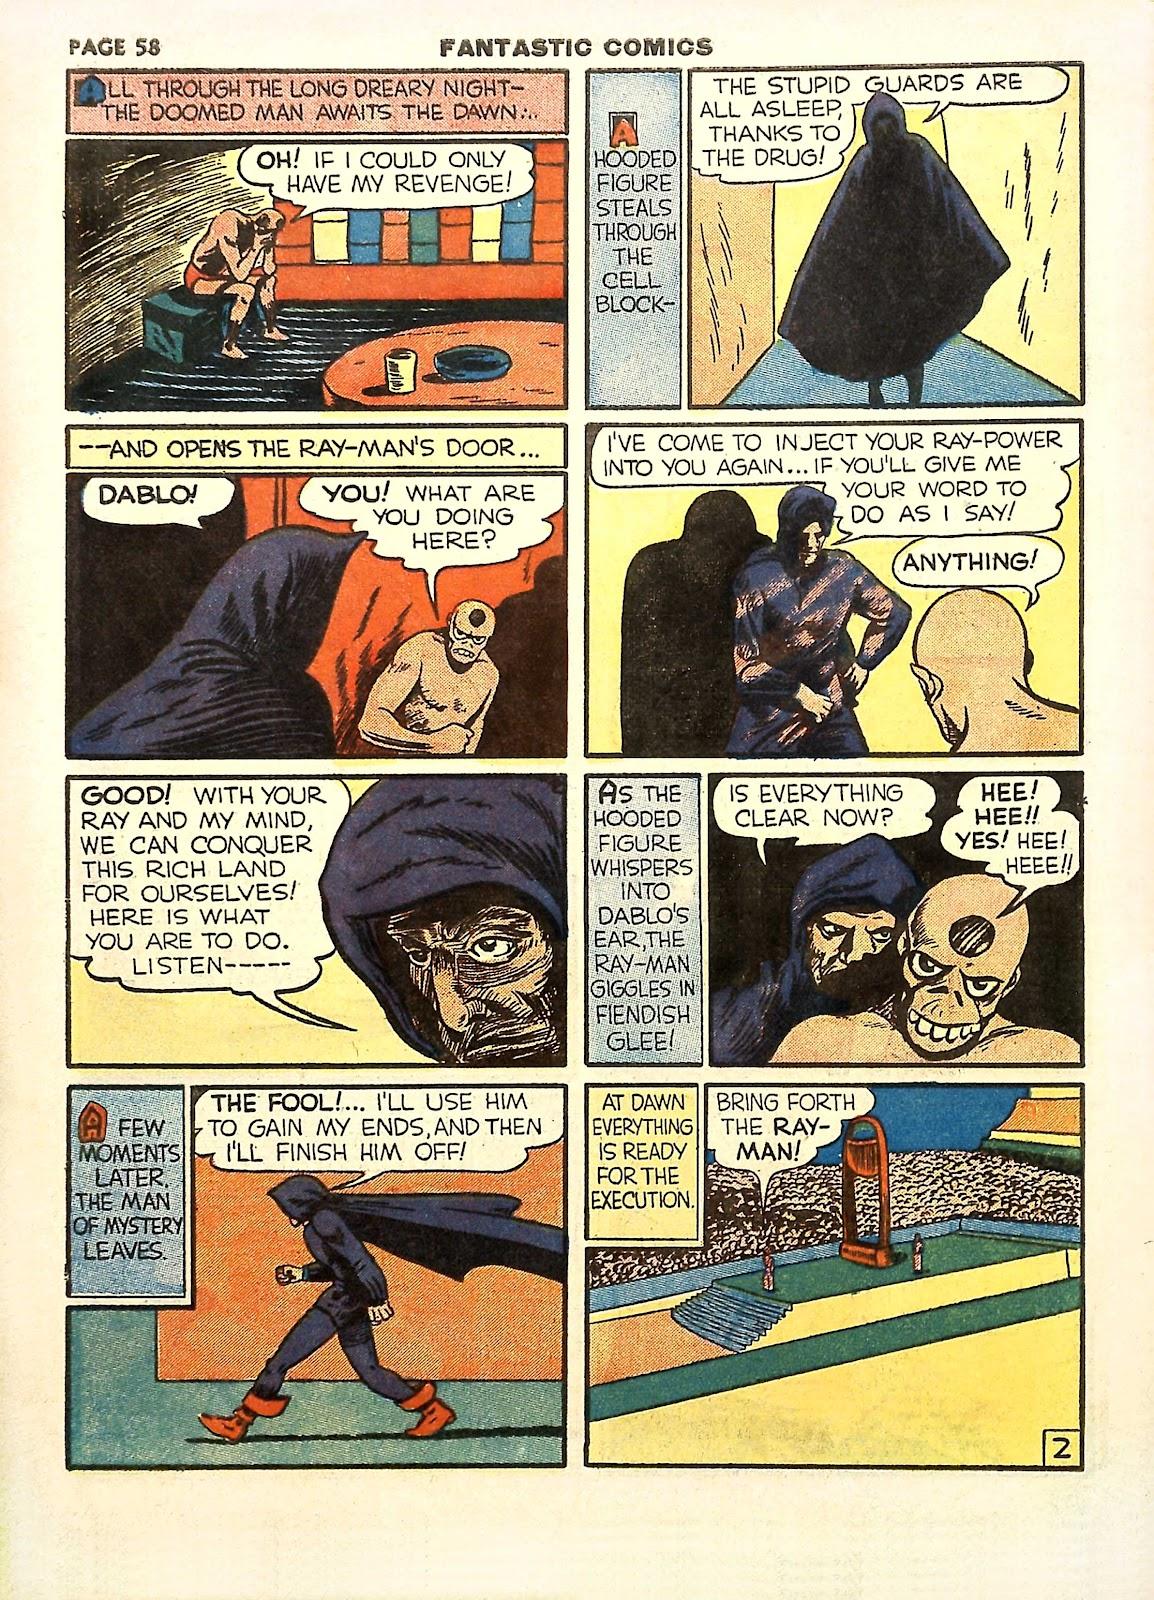 Read online Fantastic Comics comic -  Issue #11 - 61